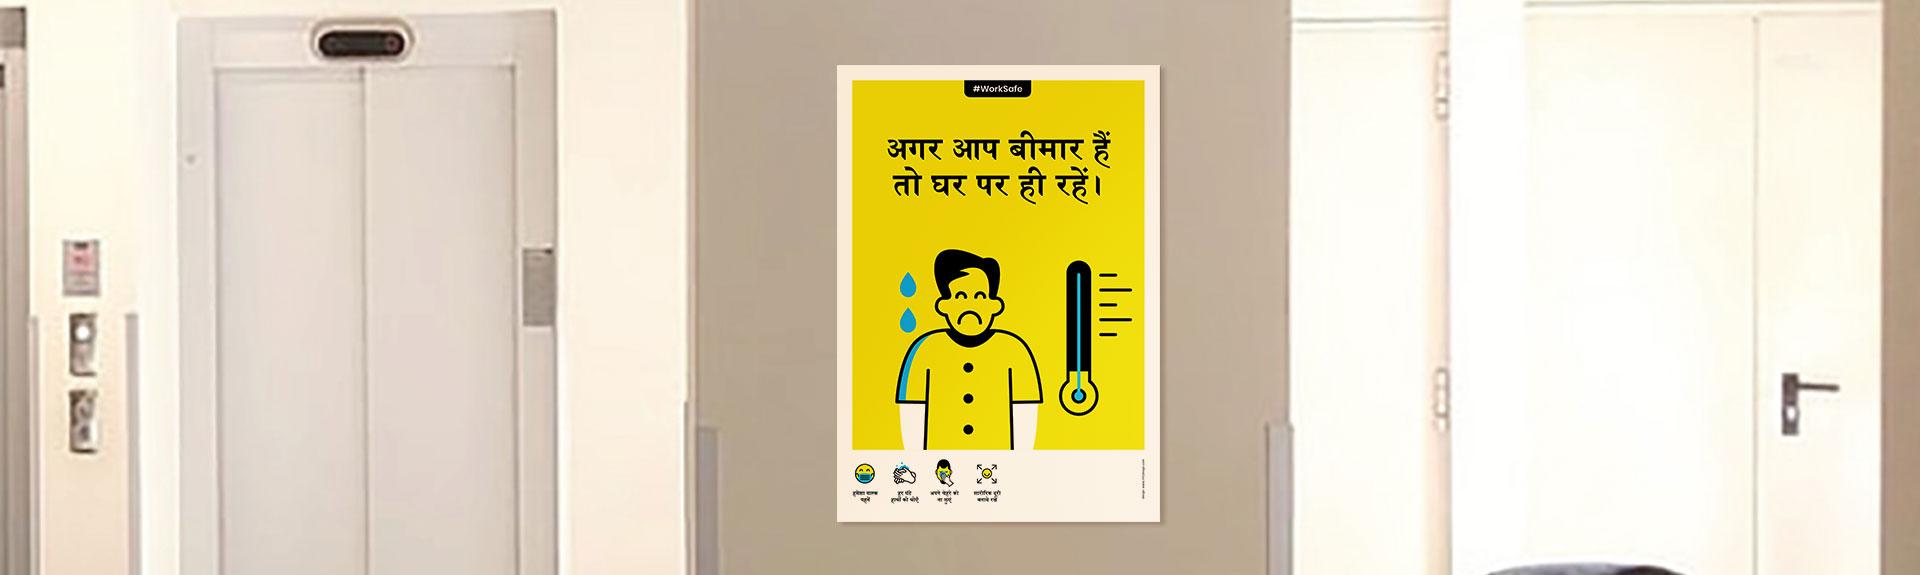 Ill-person-hindi_web-banner